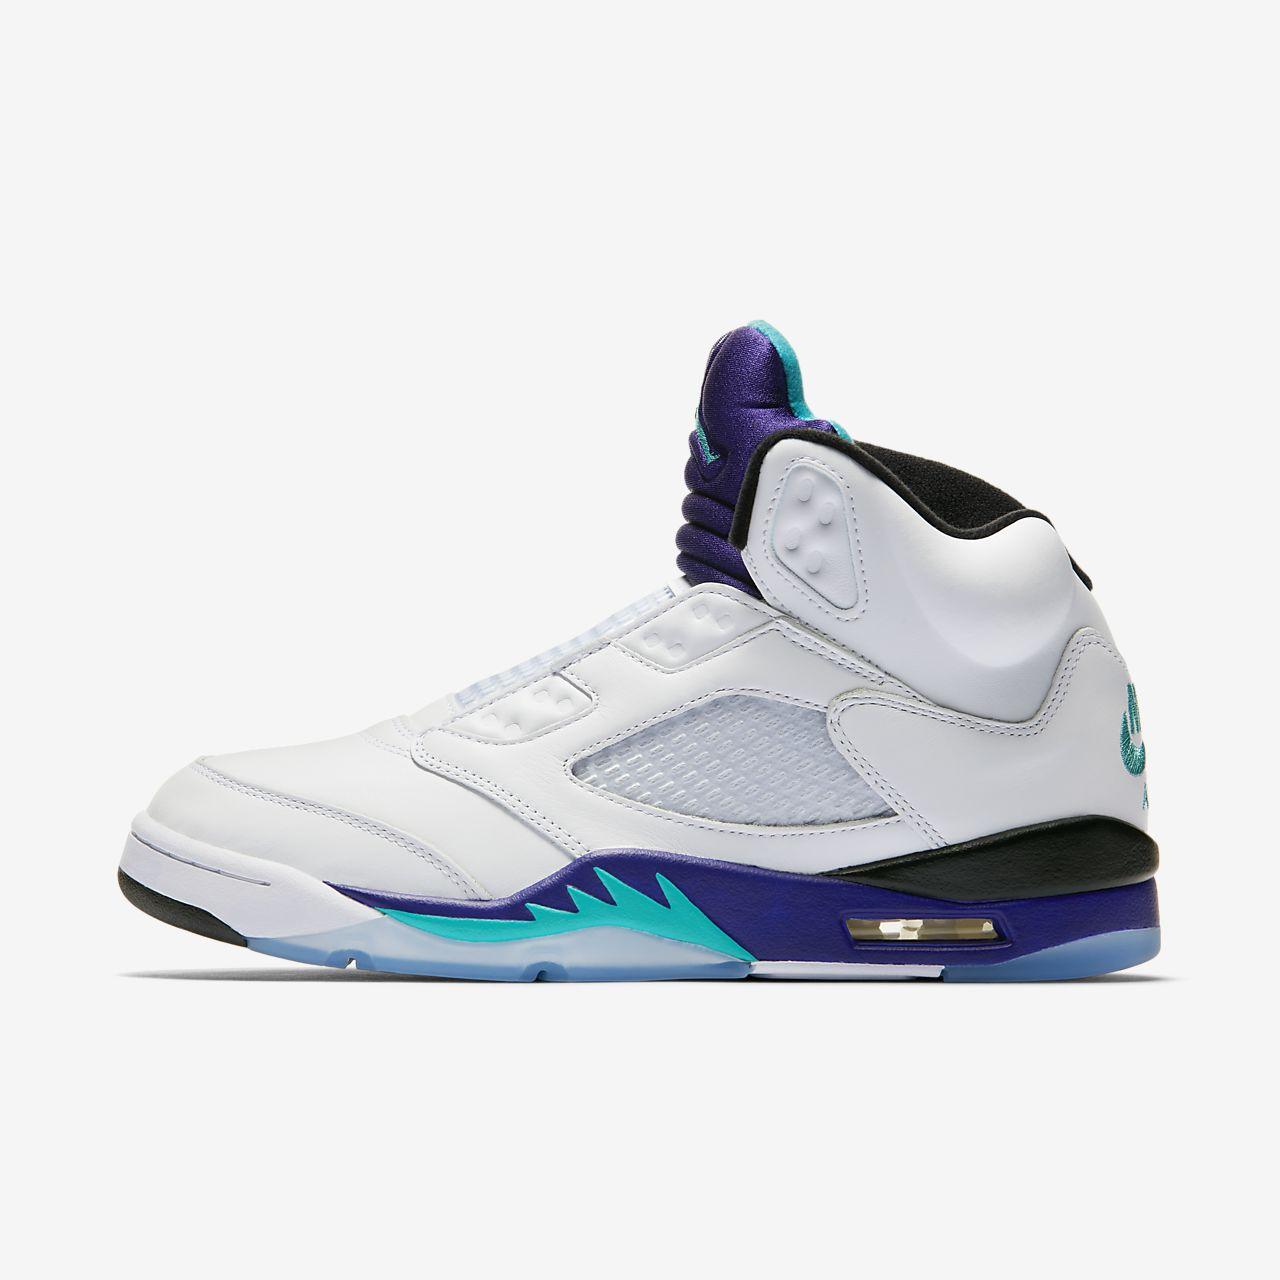 รองเท้าผู้ชาย Air Jordan 5 Retro